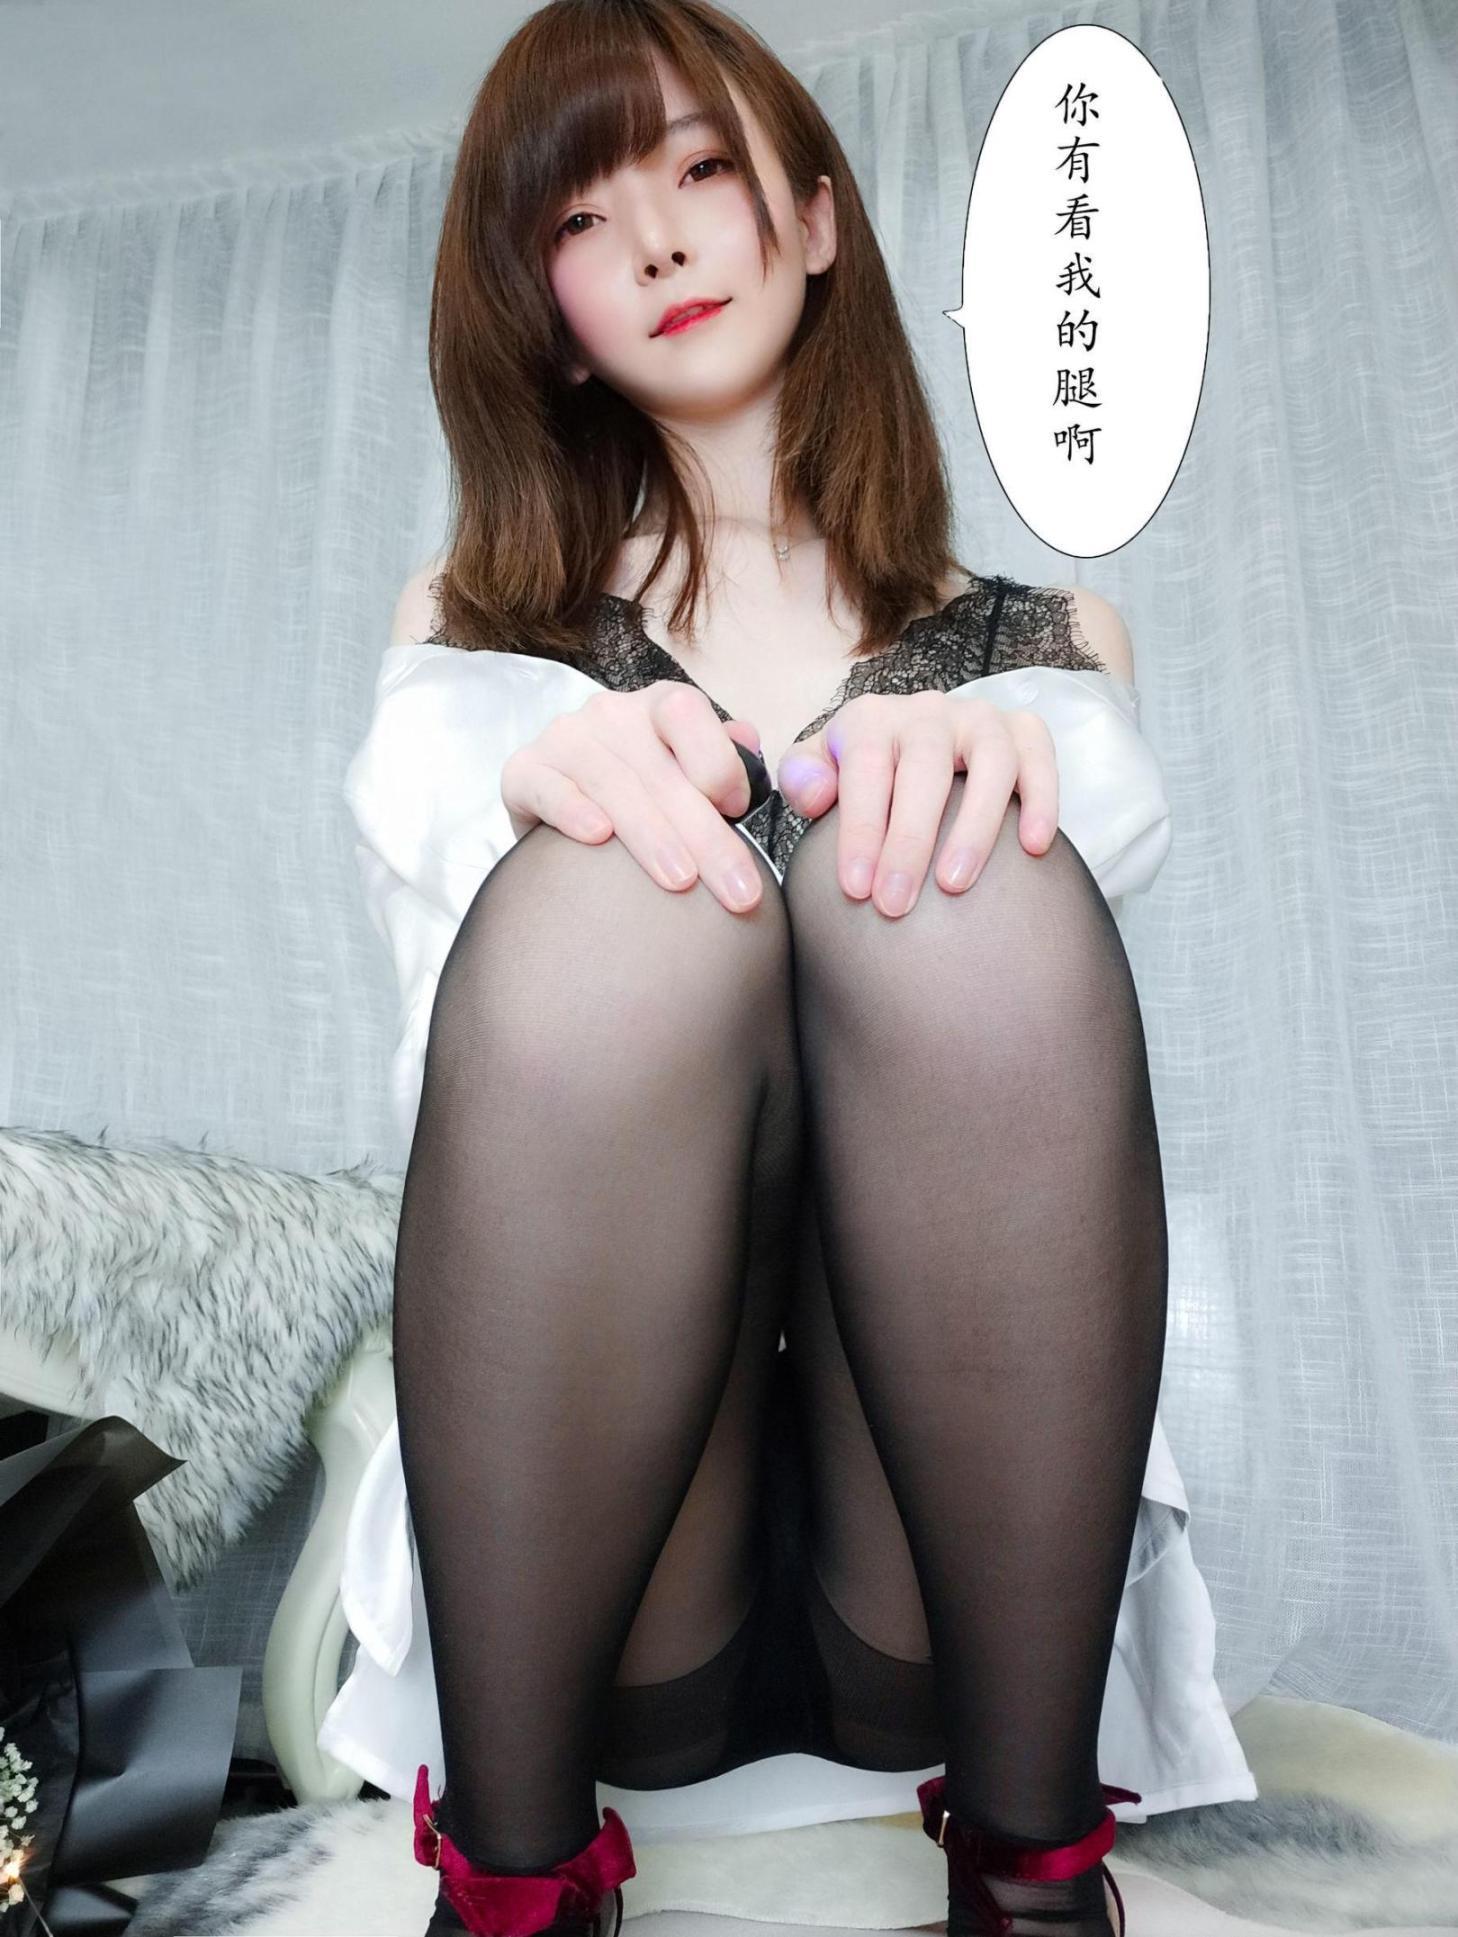 [网络美女] 一小央泽 约会女友 高清写真套图